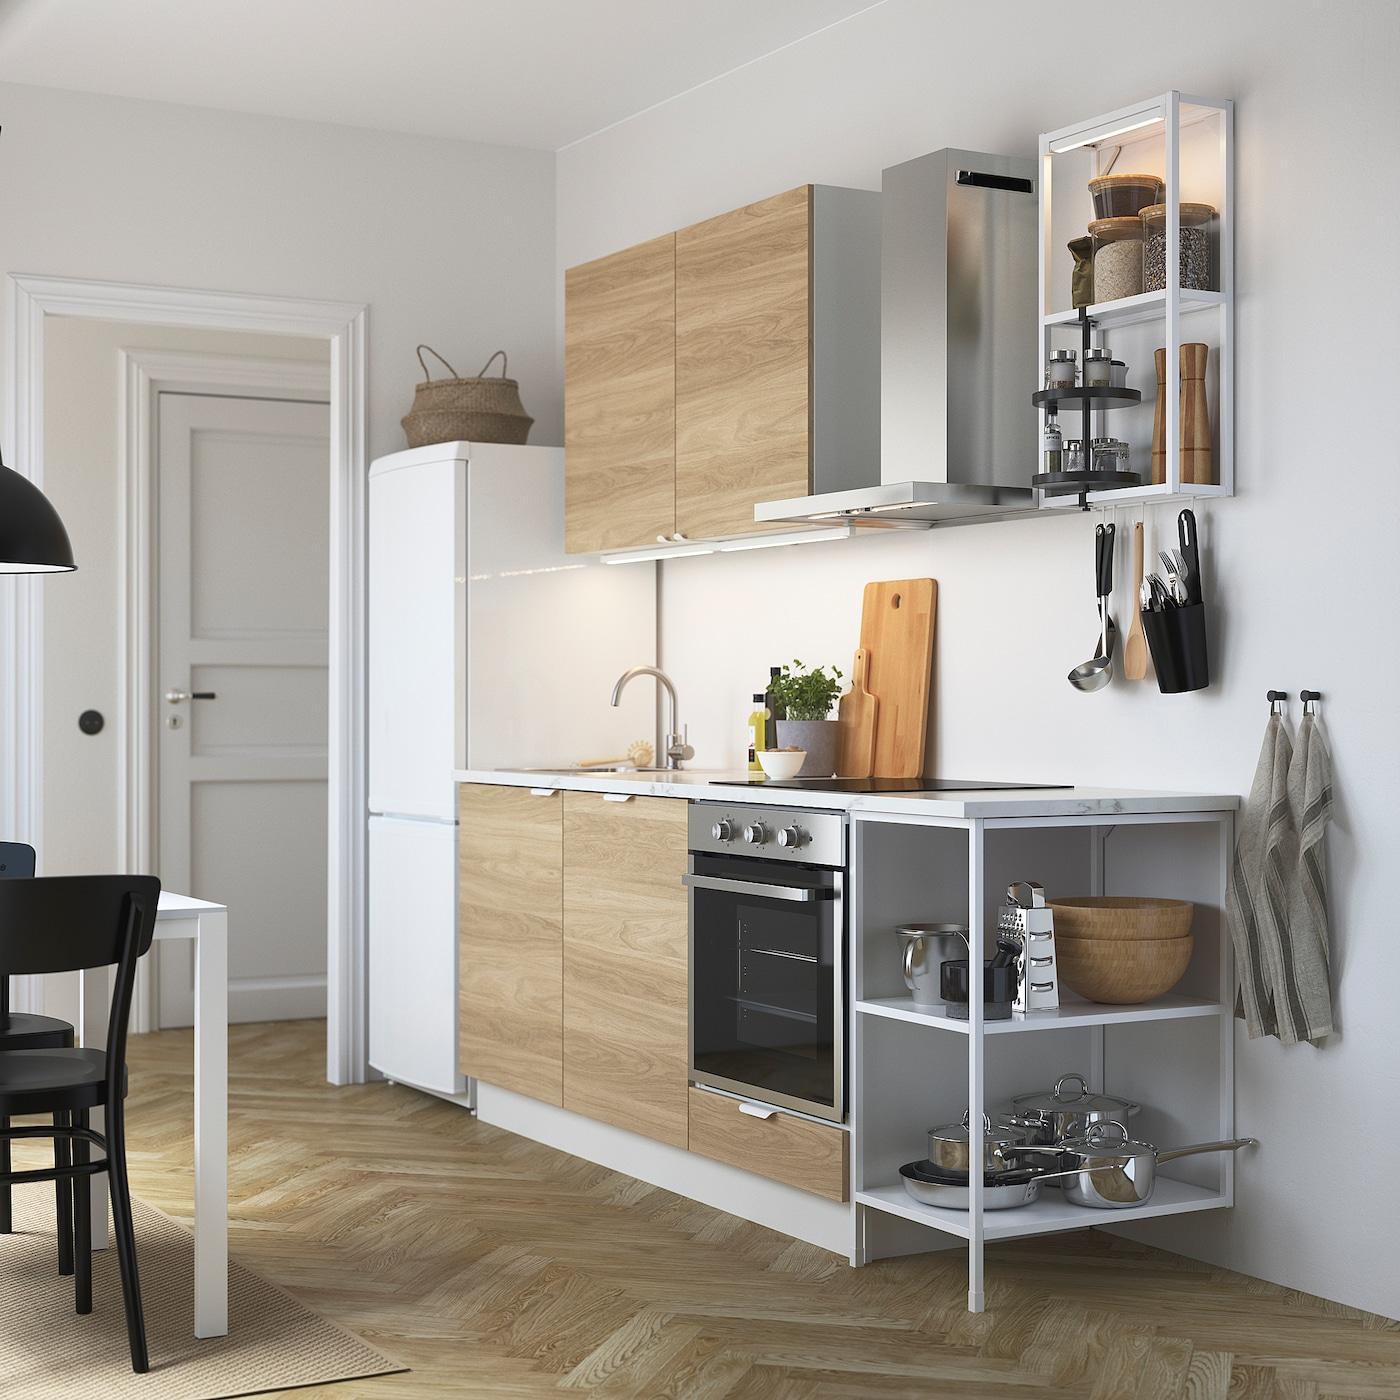 ENHET Küche - weiß, Eichenachbildung - IKEA Deutschland